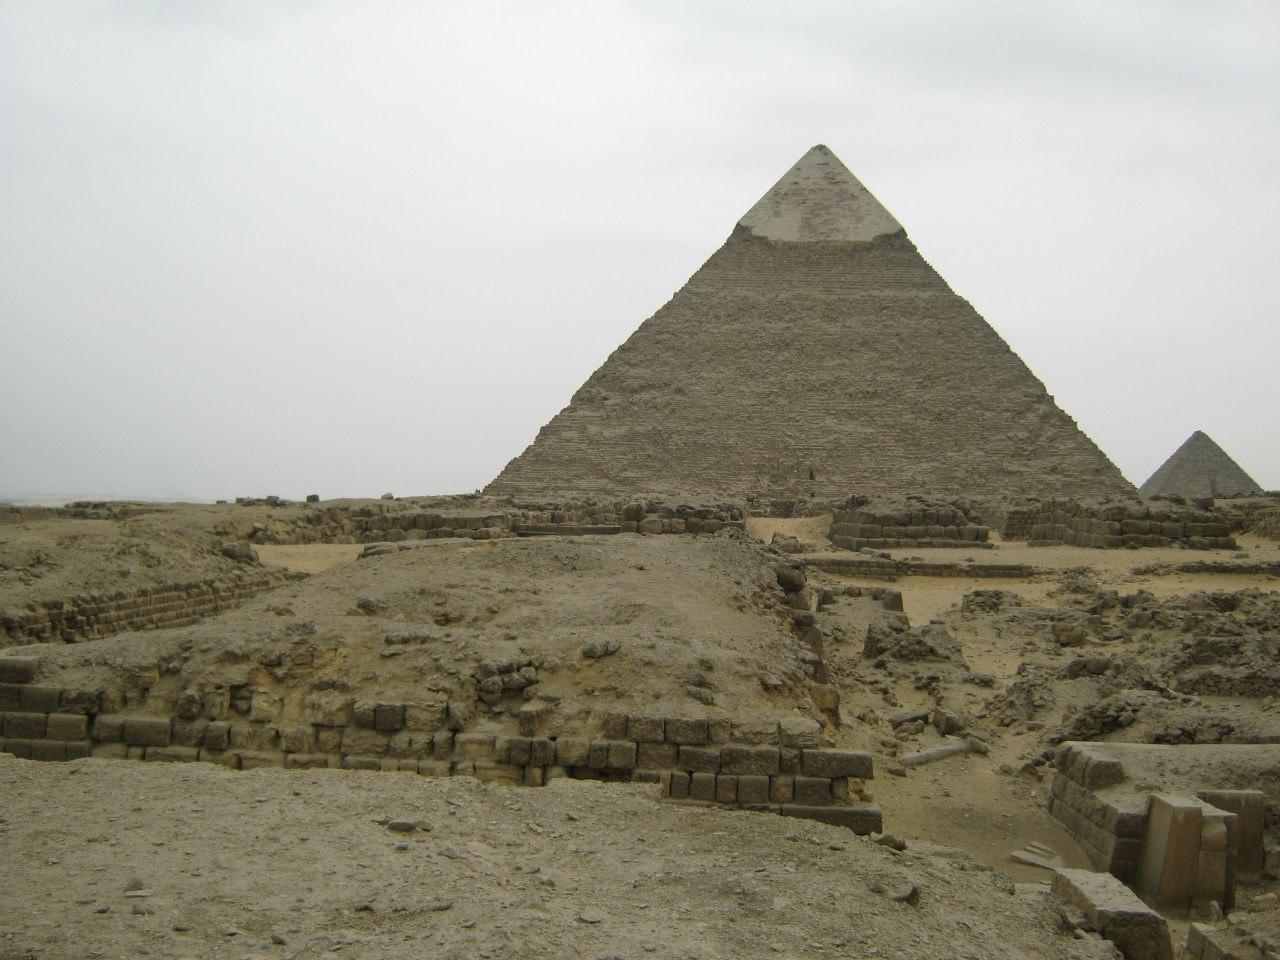 Вокруг пирамид Гизы полно всяких других древних сооружений